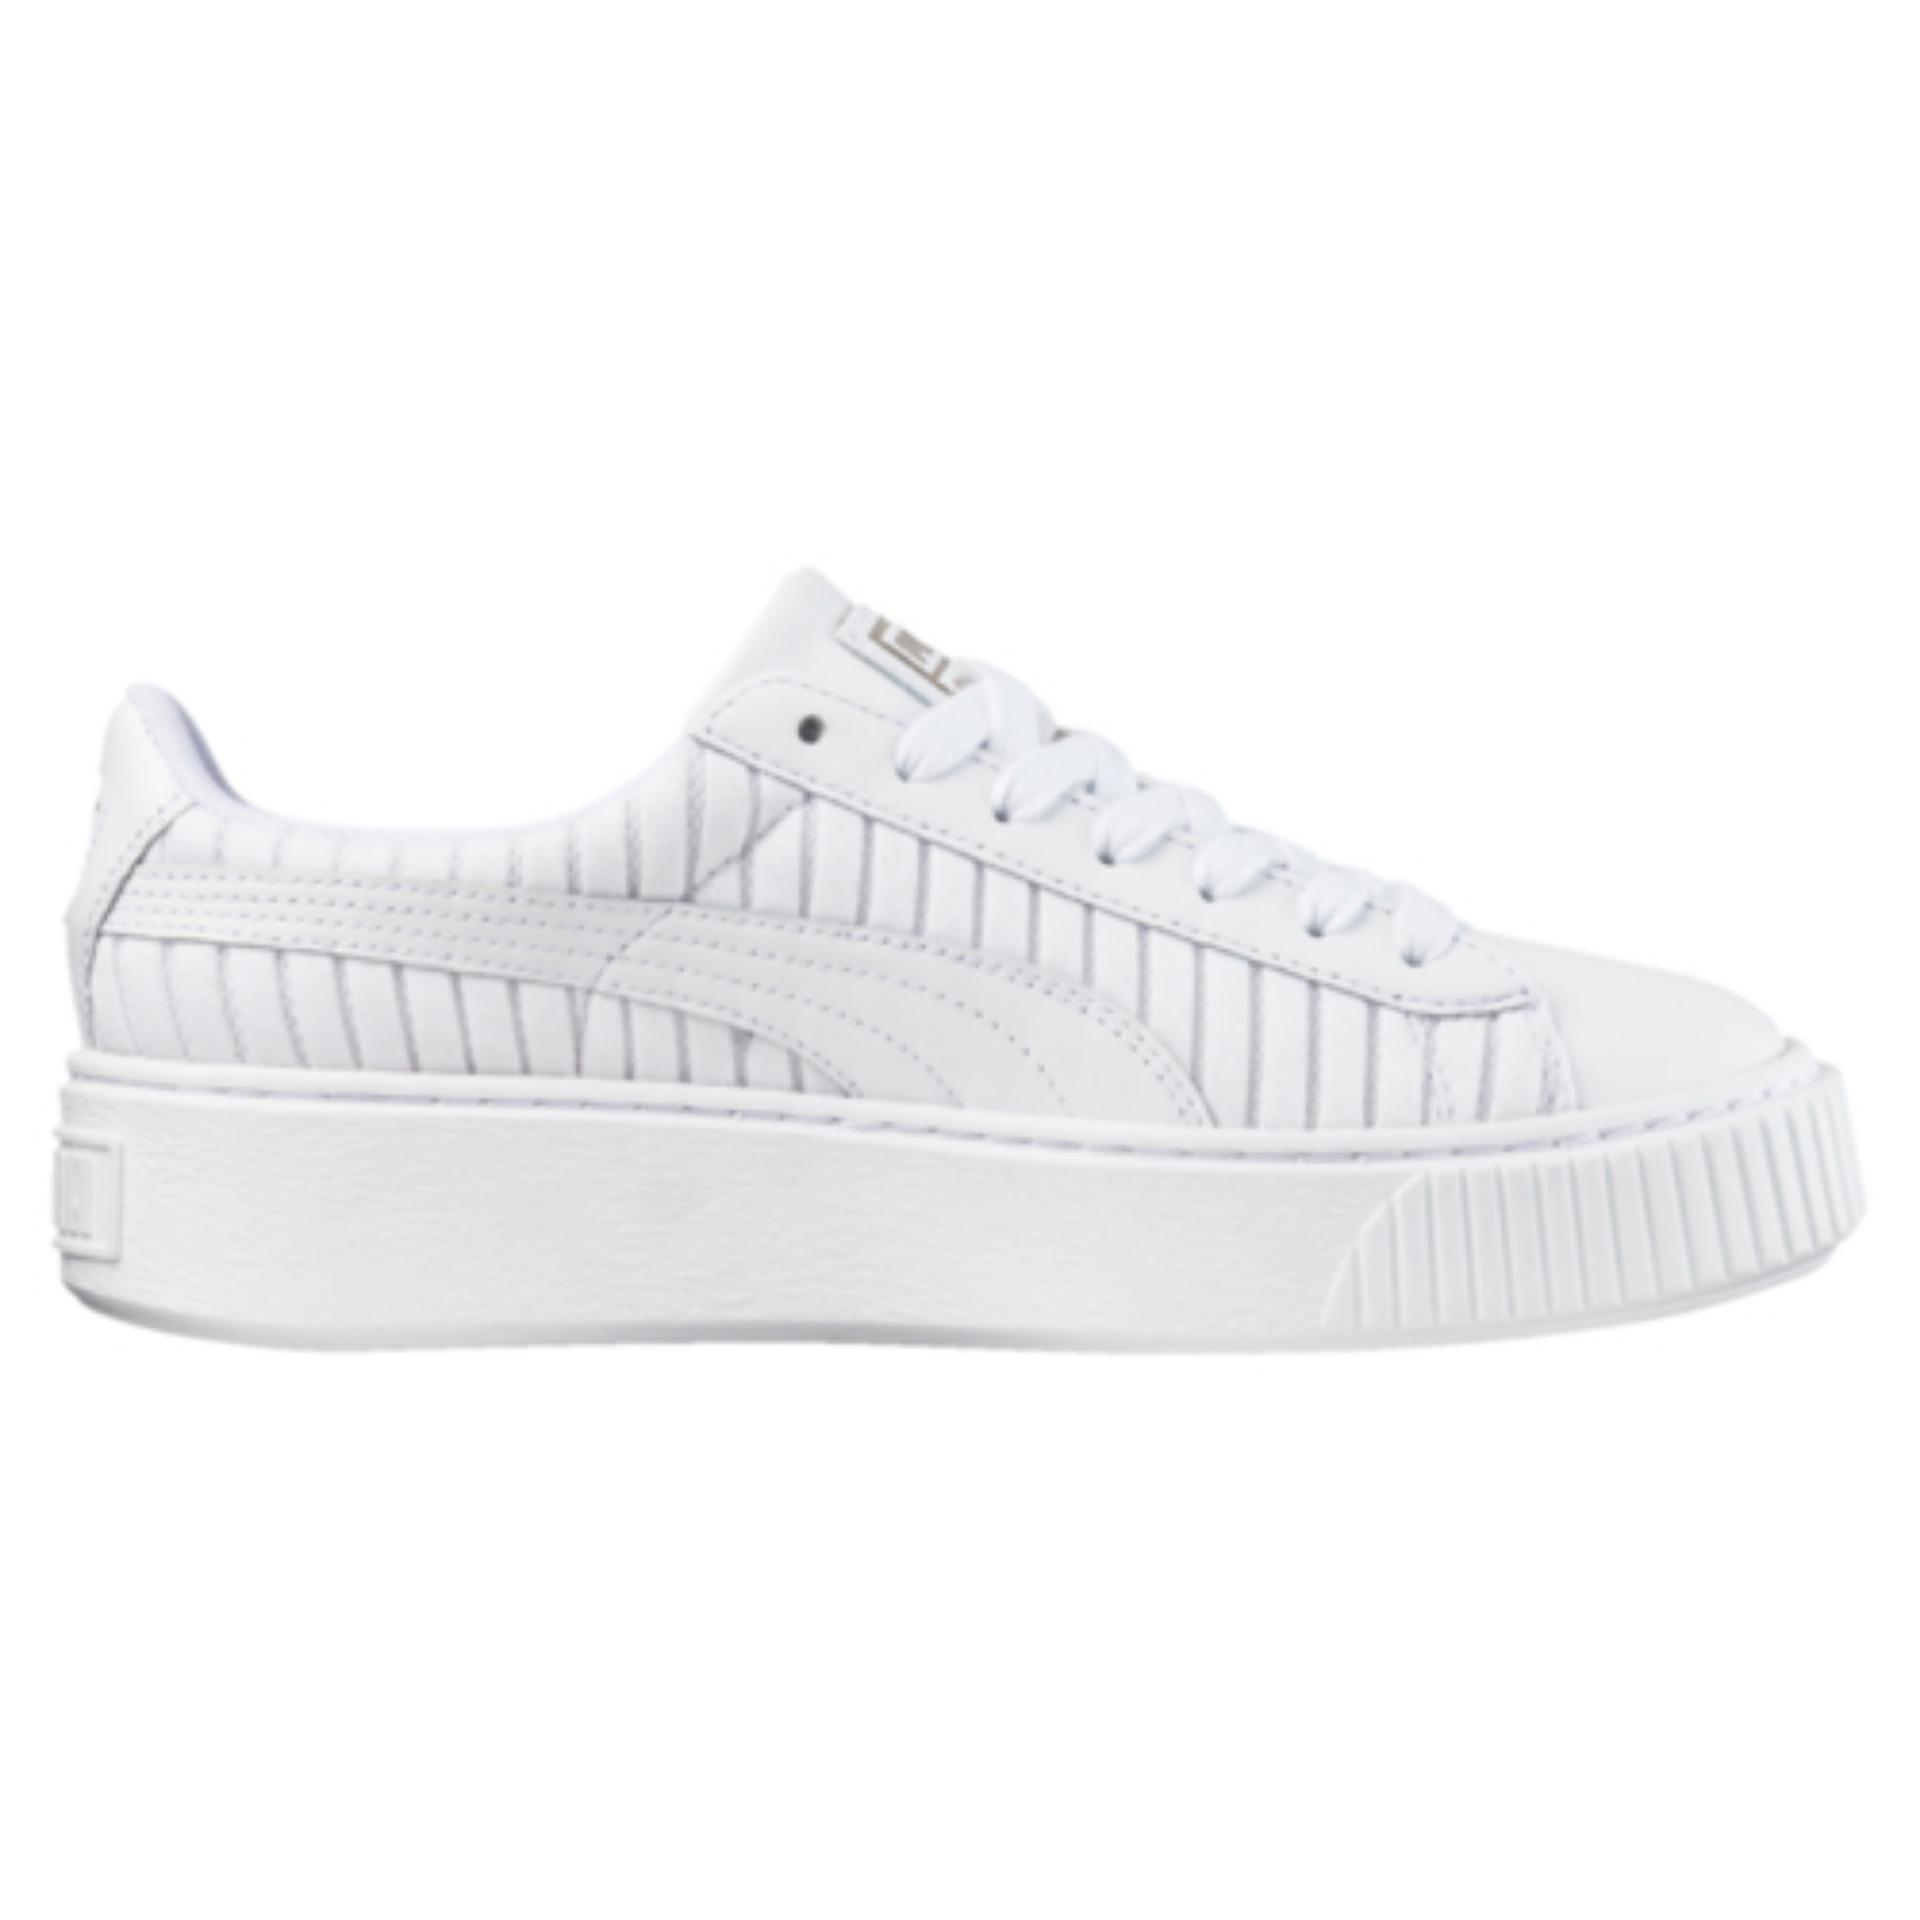 9f37a3e155e81a Enjoy Womens Latest Lazada Discounts Products Sg Huge Puma Shoes wIwHqUS